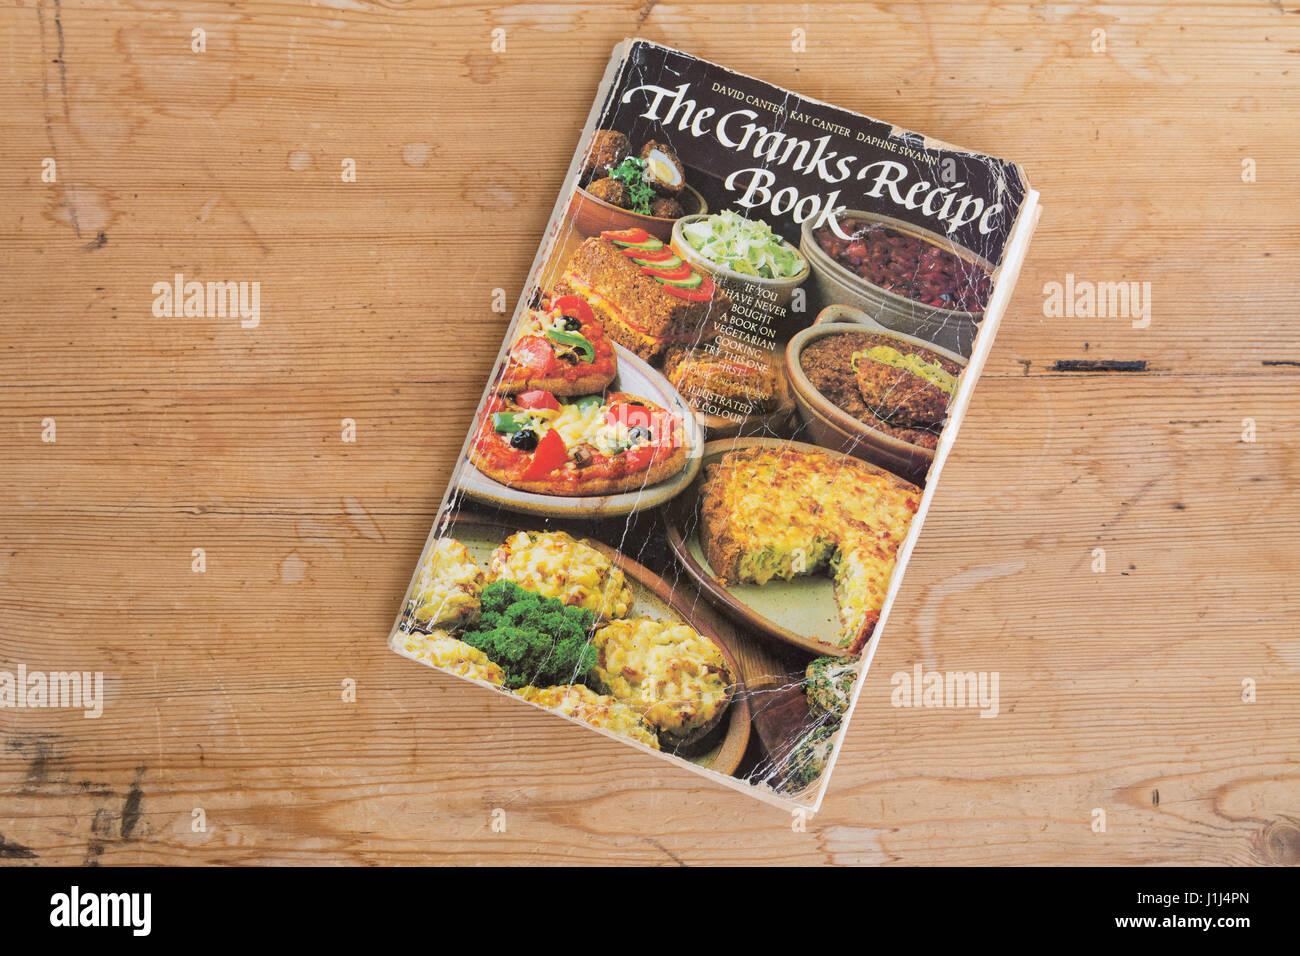 Livre de Cuisine Recette manivelles Photo Stock